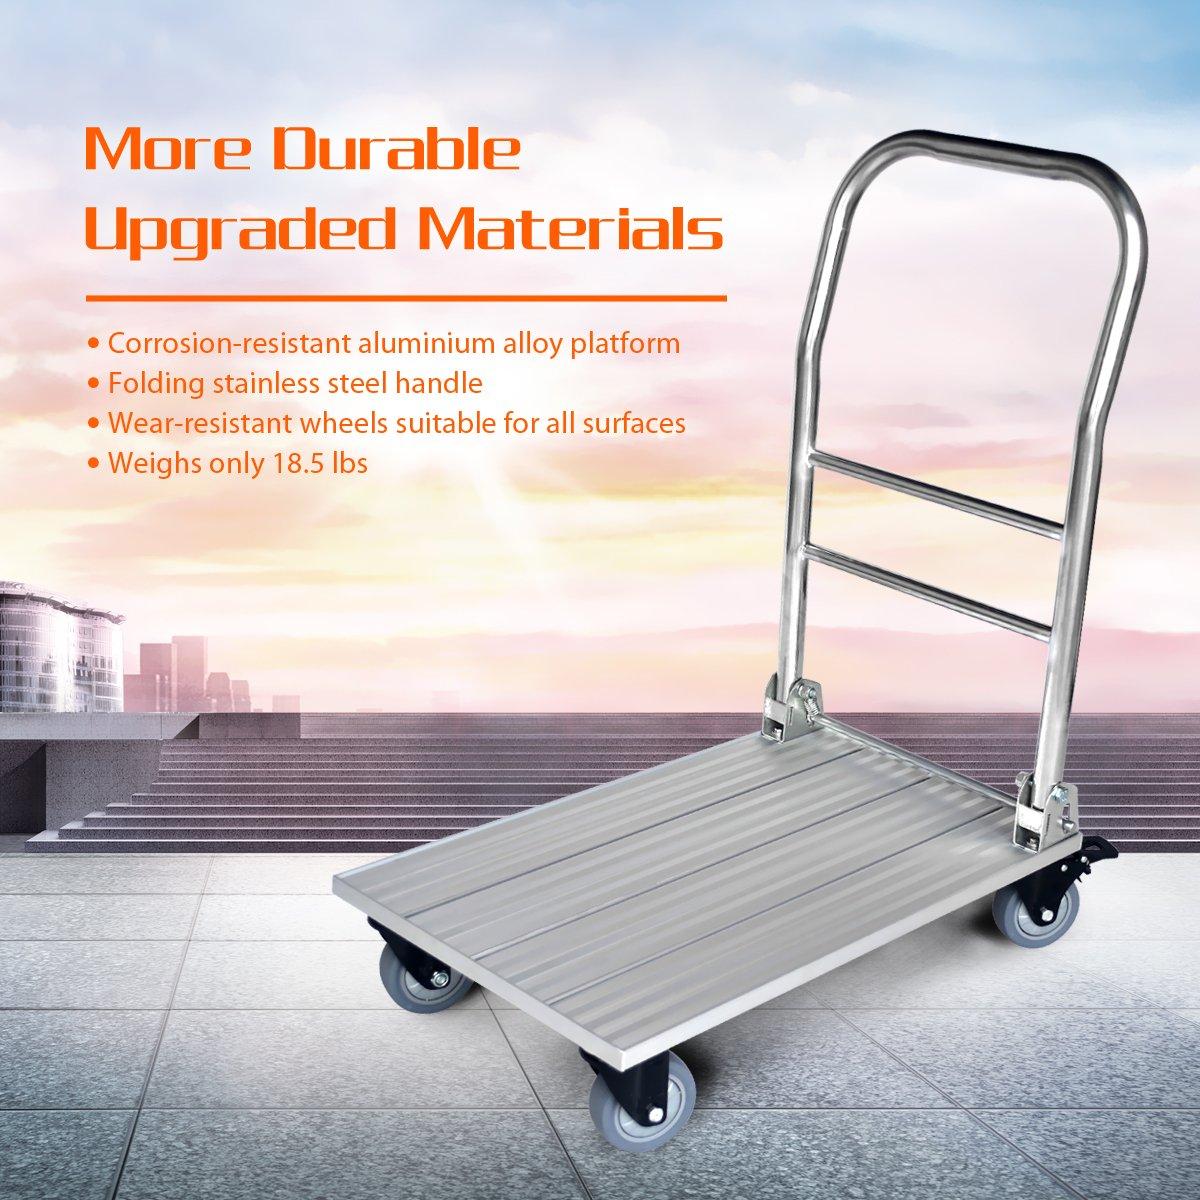 argent Vtuvia pliable aluminium plate-forme camion chariots /à plateforme l/éger en push panier /à plat 16,5 x 27,6 pouces largeur x longueur